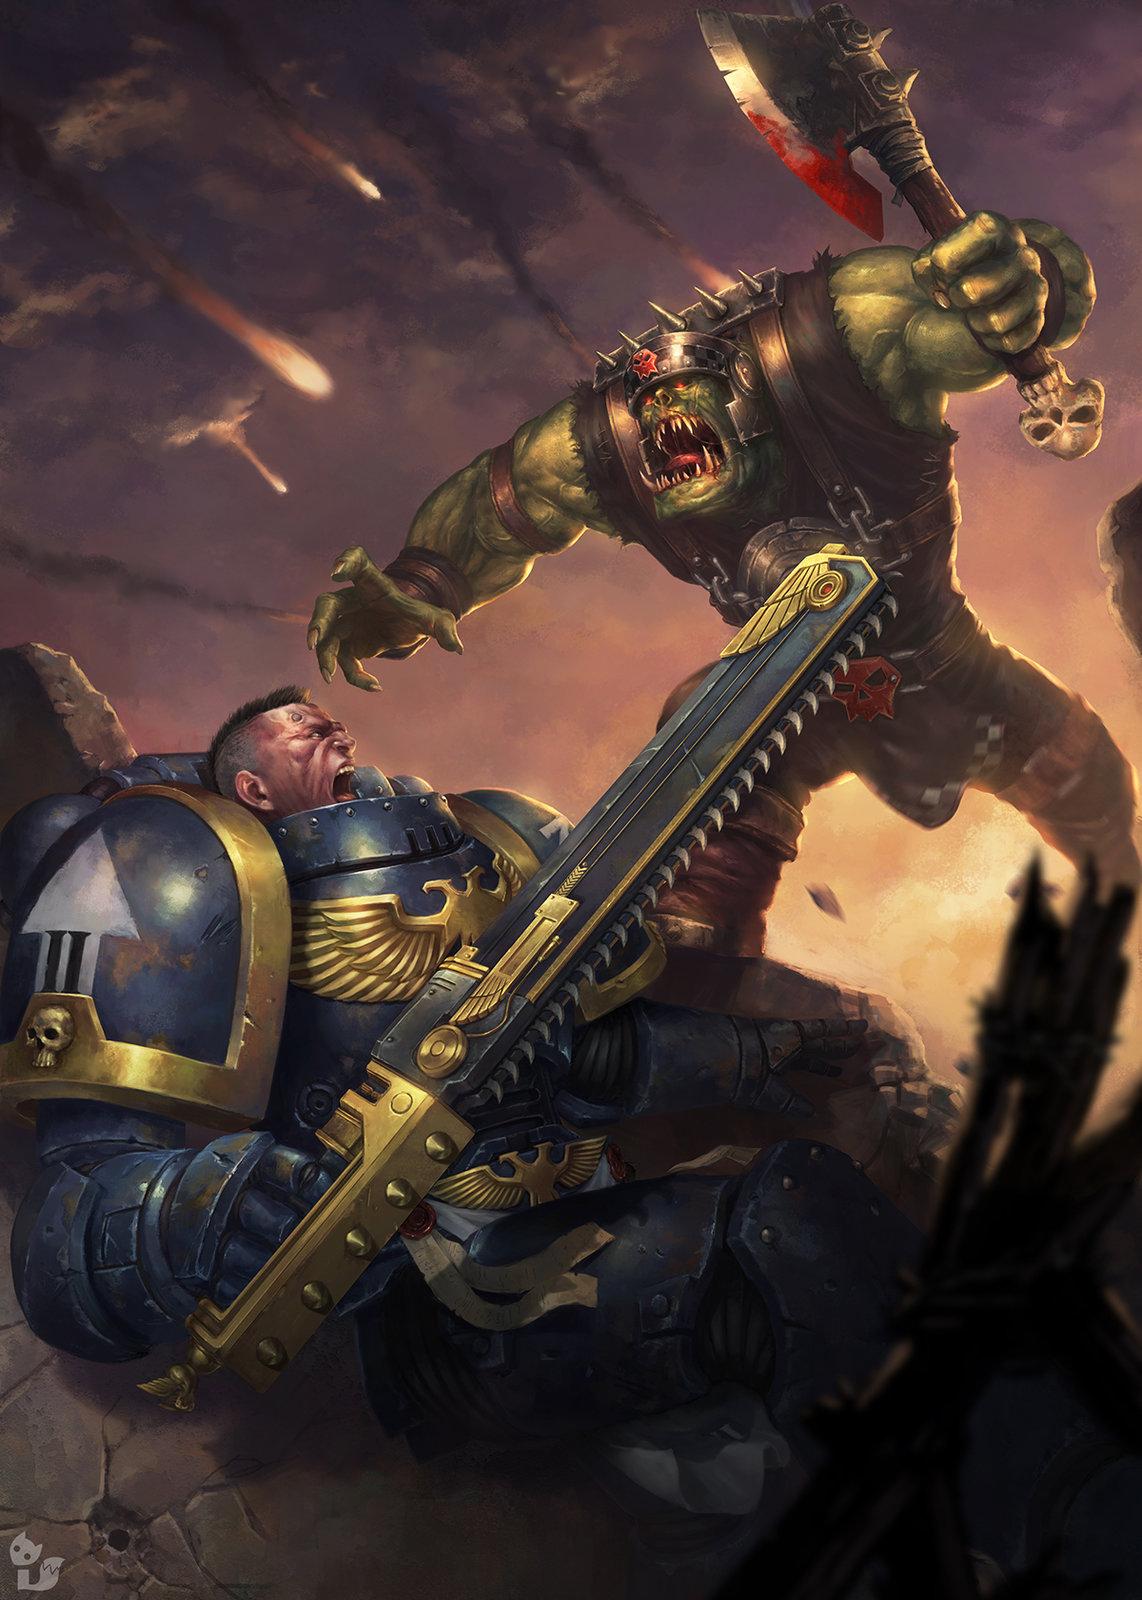 Spacemarine vs Ork